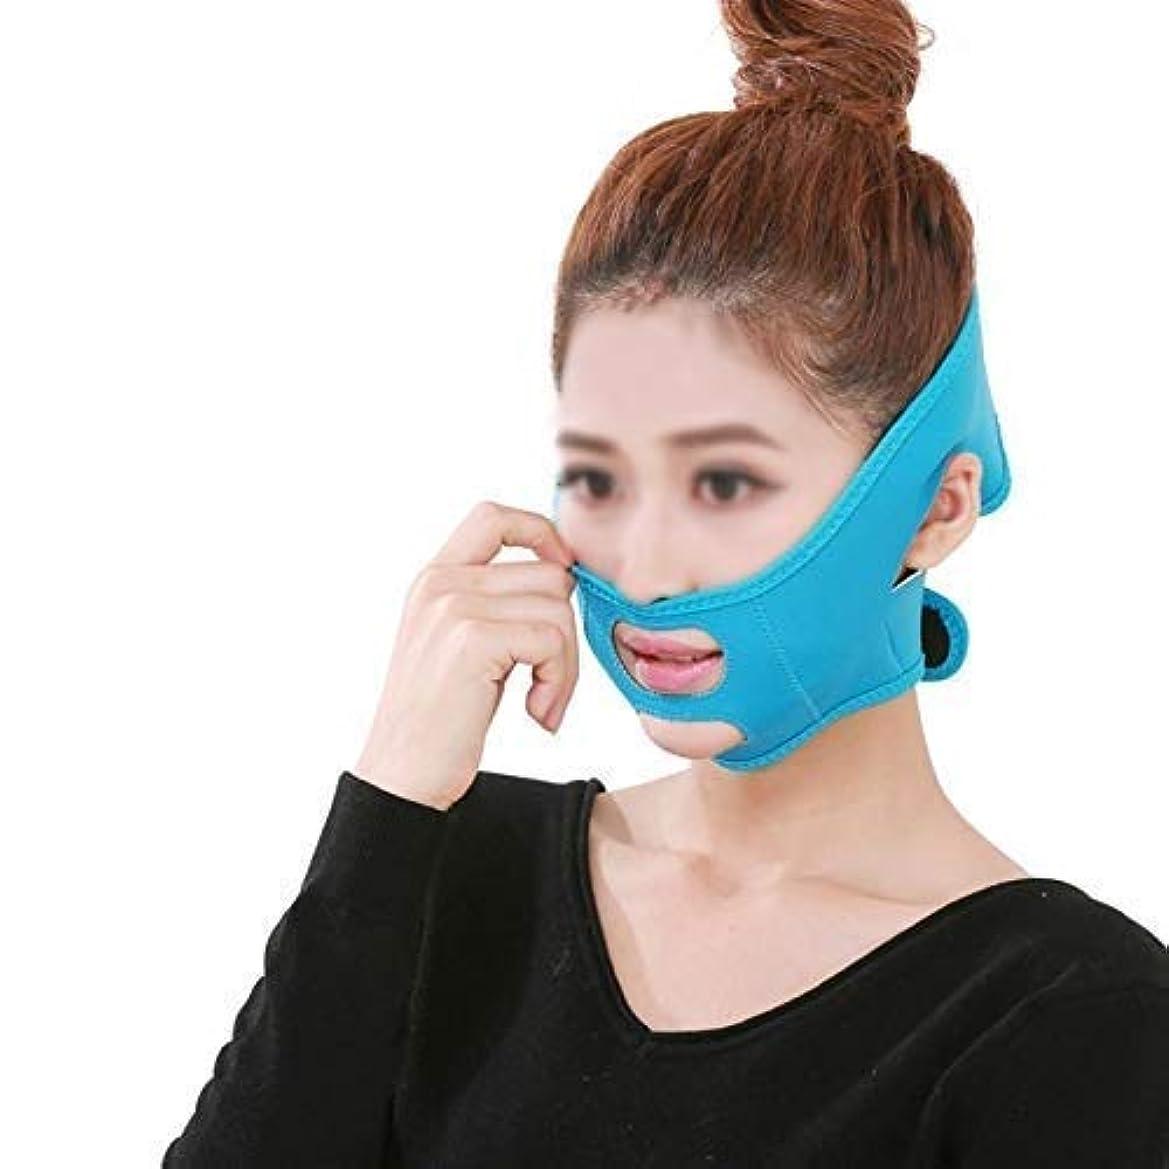 にやにや四権限フェイスリフトフェイシャル、フェイシャルマスクVフェイスマスクタイトで肌のリラクゼーションを防止Vフェイスアーティファクトフェイスリフトバンデージフェイスケア(色:青)